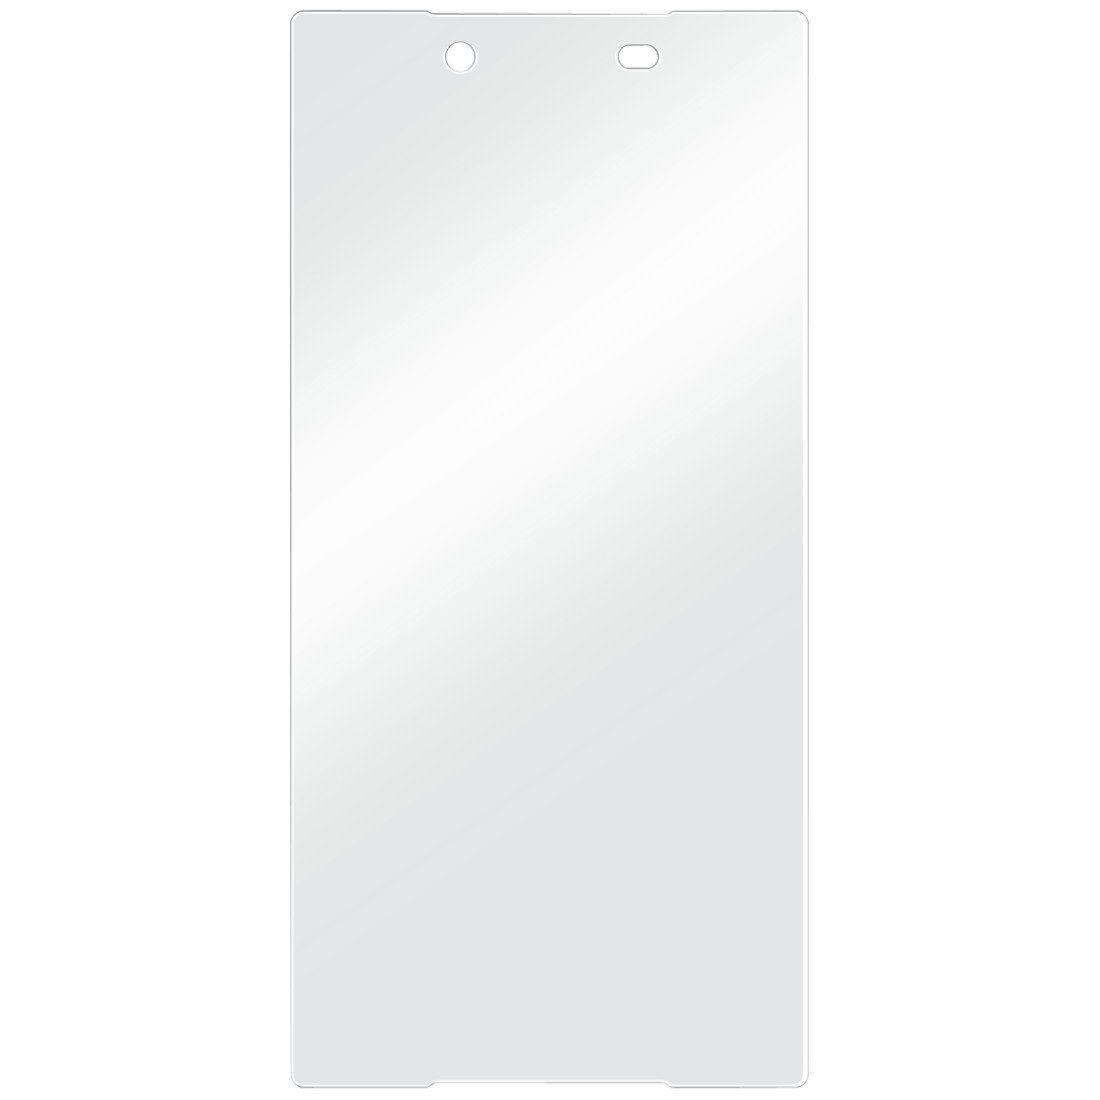 Hama Displayschutzfolie für Sony Xperia Z5 Premium 2er Set Folie »Displayschutz Schutzfolie«